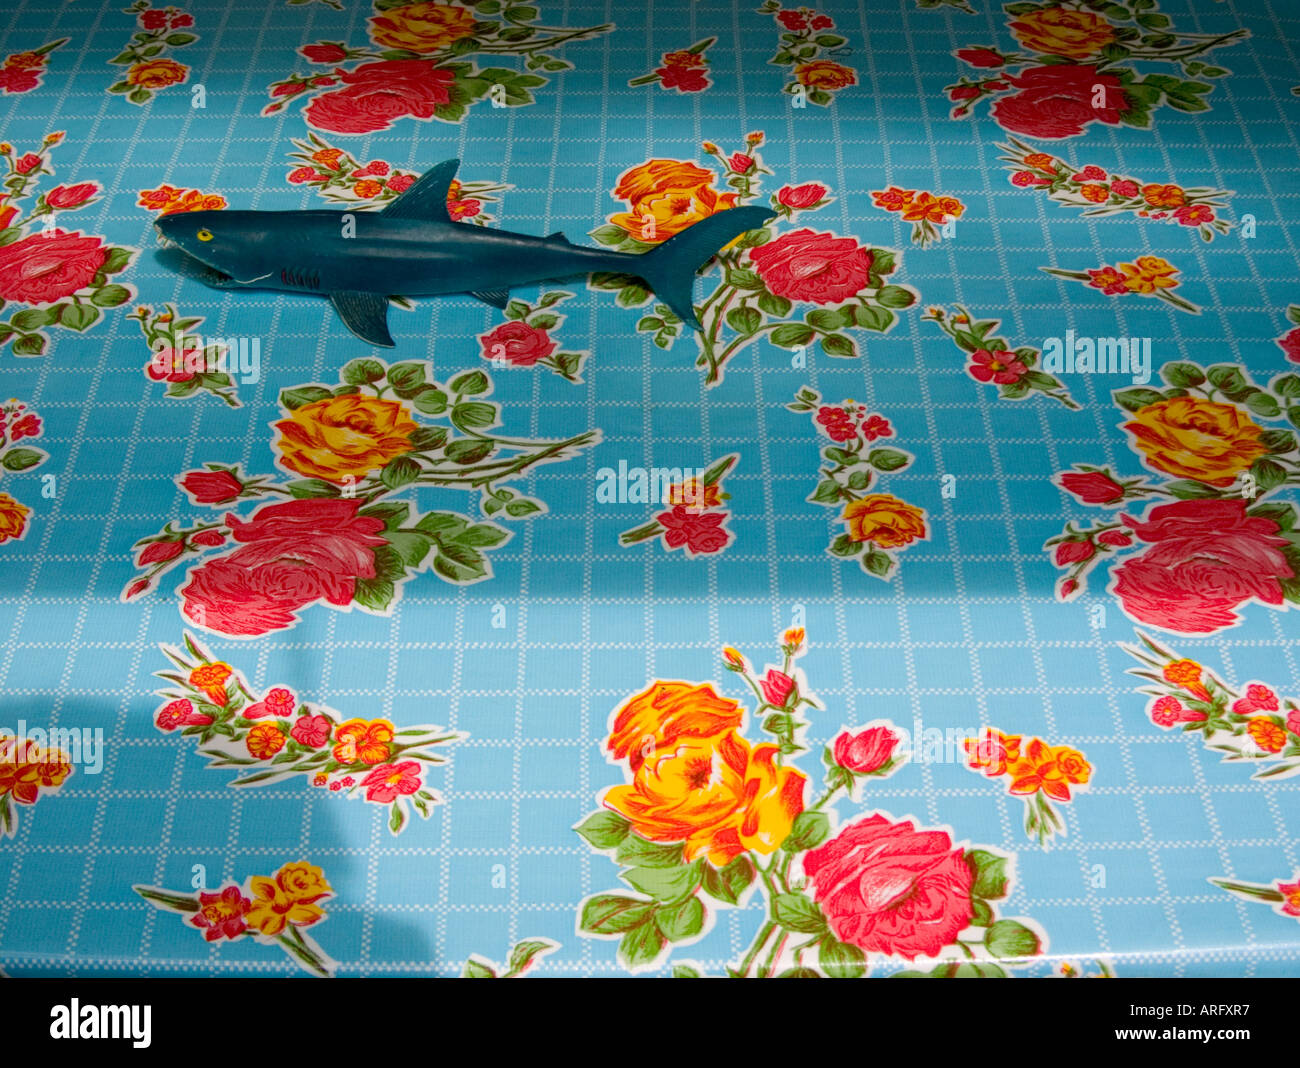 Eine Luftaufnahme von einem Spielzeug-Modell-Hai auf grellen Tischdecke mit lebendigen Rosenmuster Stockbild